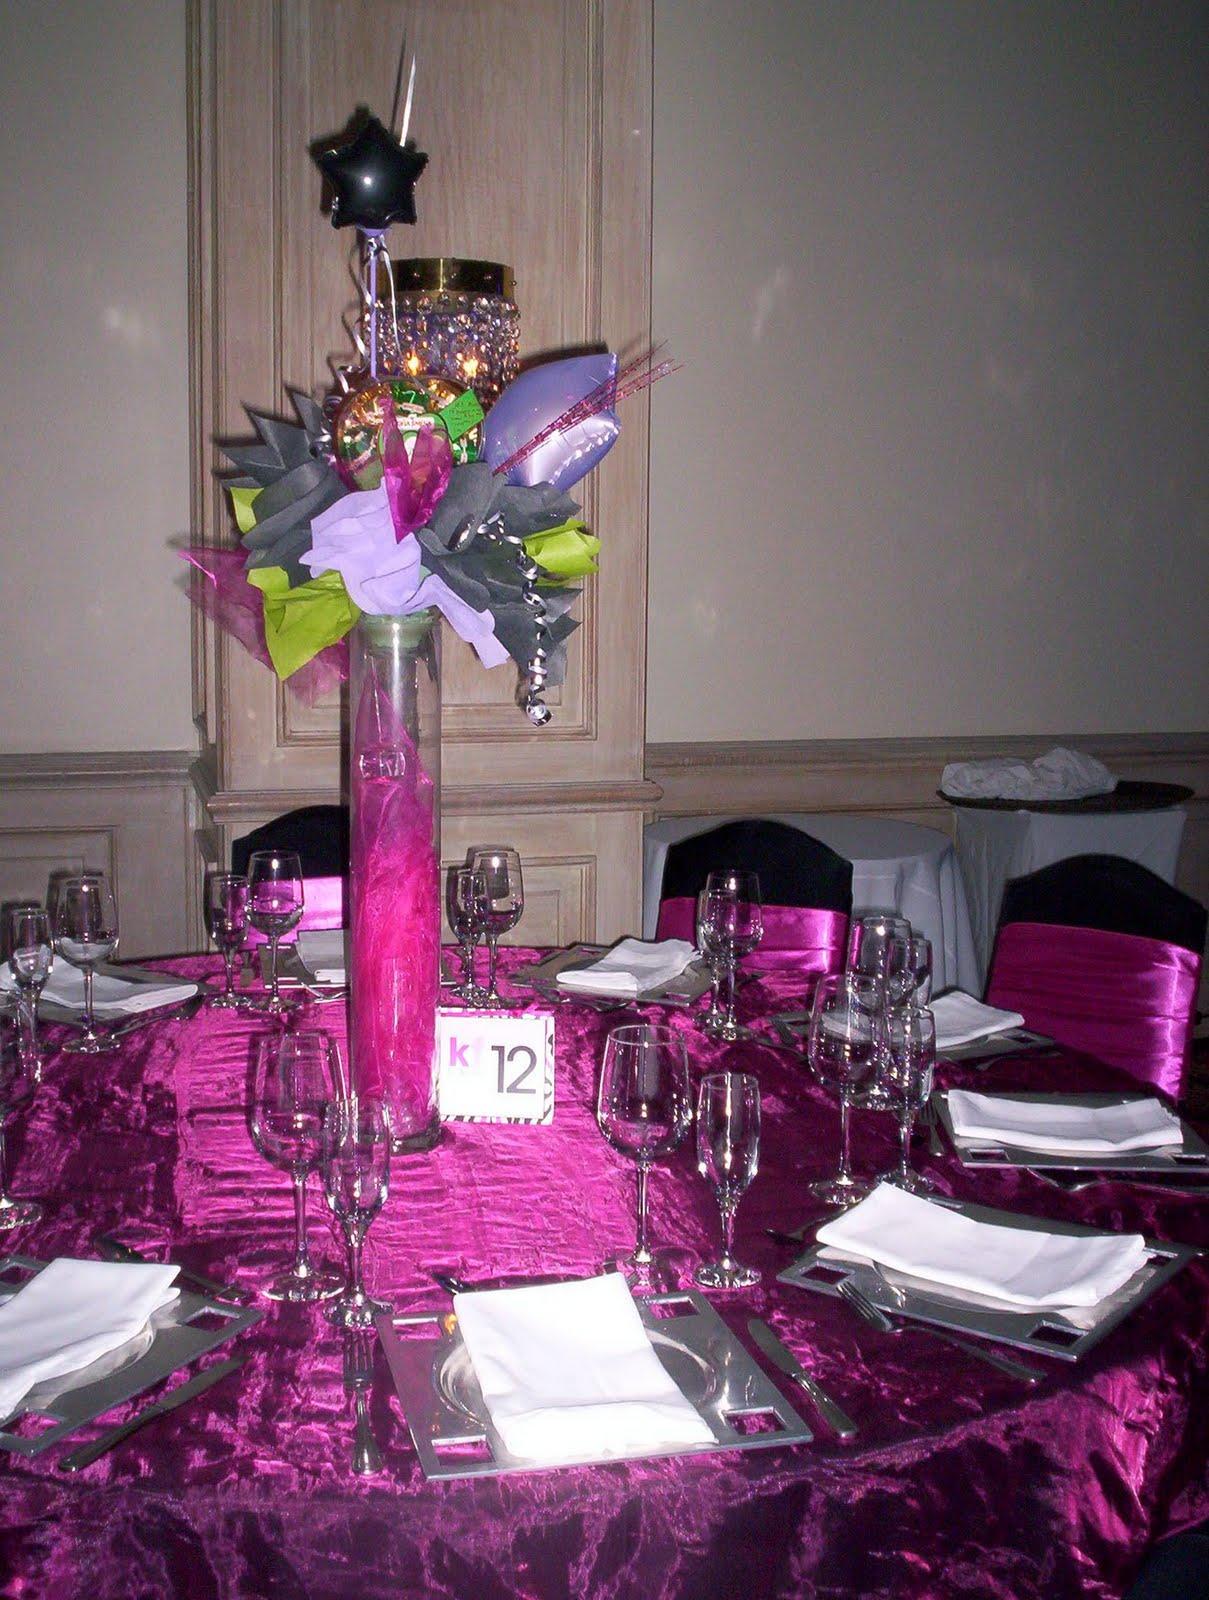 Centros de mesa decoraciones recuerditos organizacion - Decoracion para mesas de centro ...